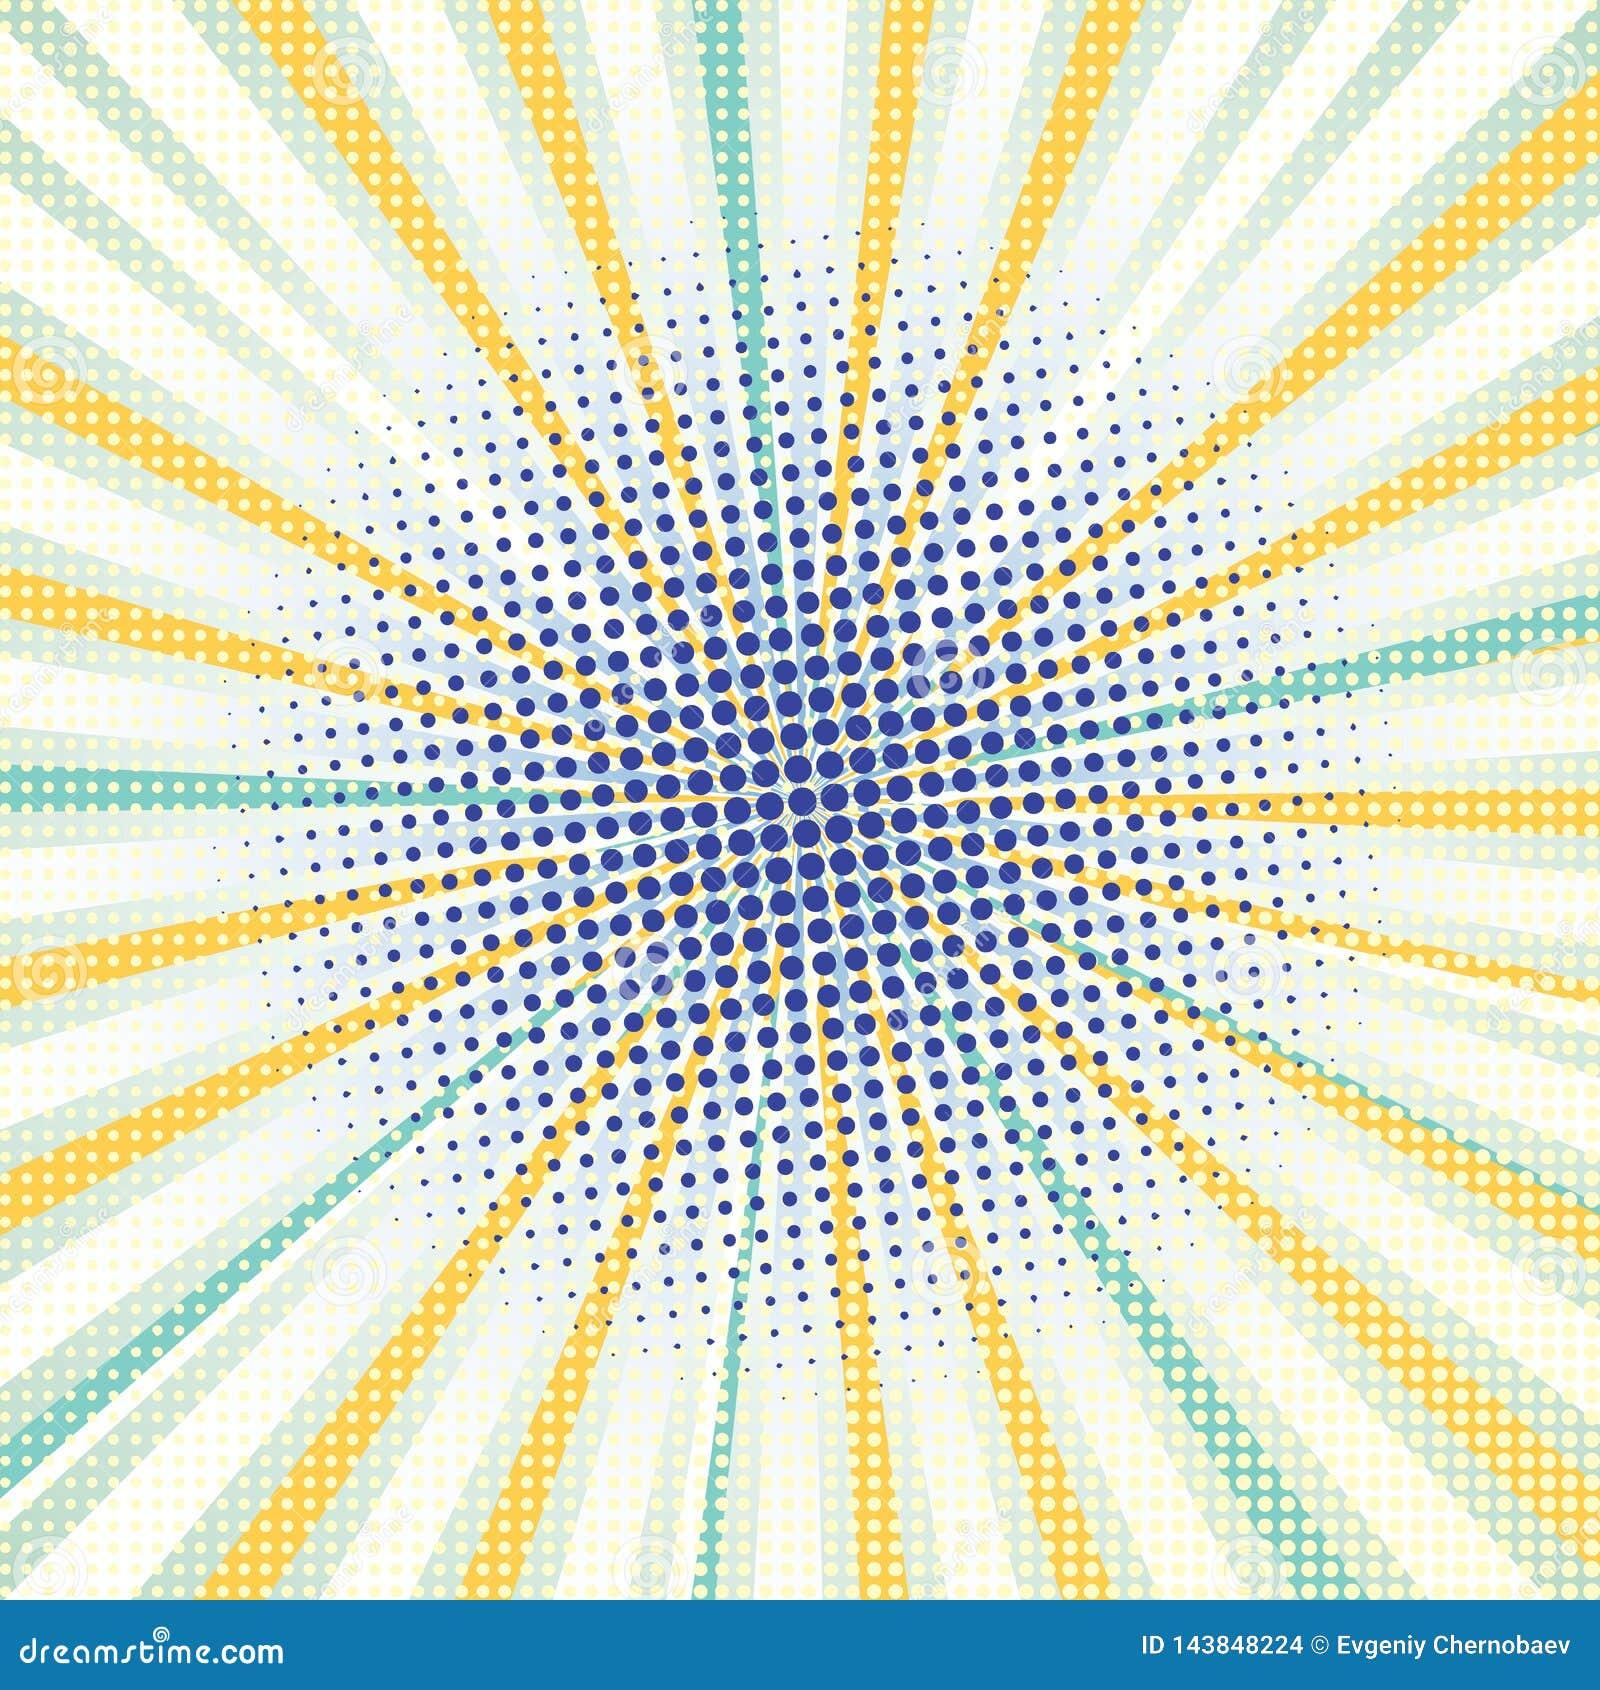 Предпосылка страницы комика с желтыми лучами, голубыми точками Предпосылка конспекта ретро шуточная с точками Предпосылка бирюзы